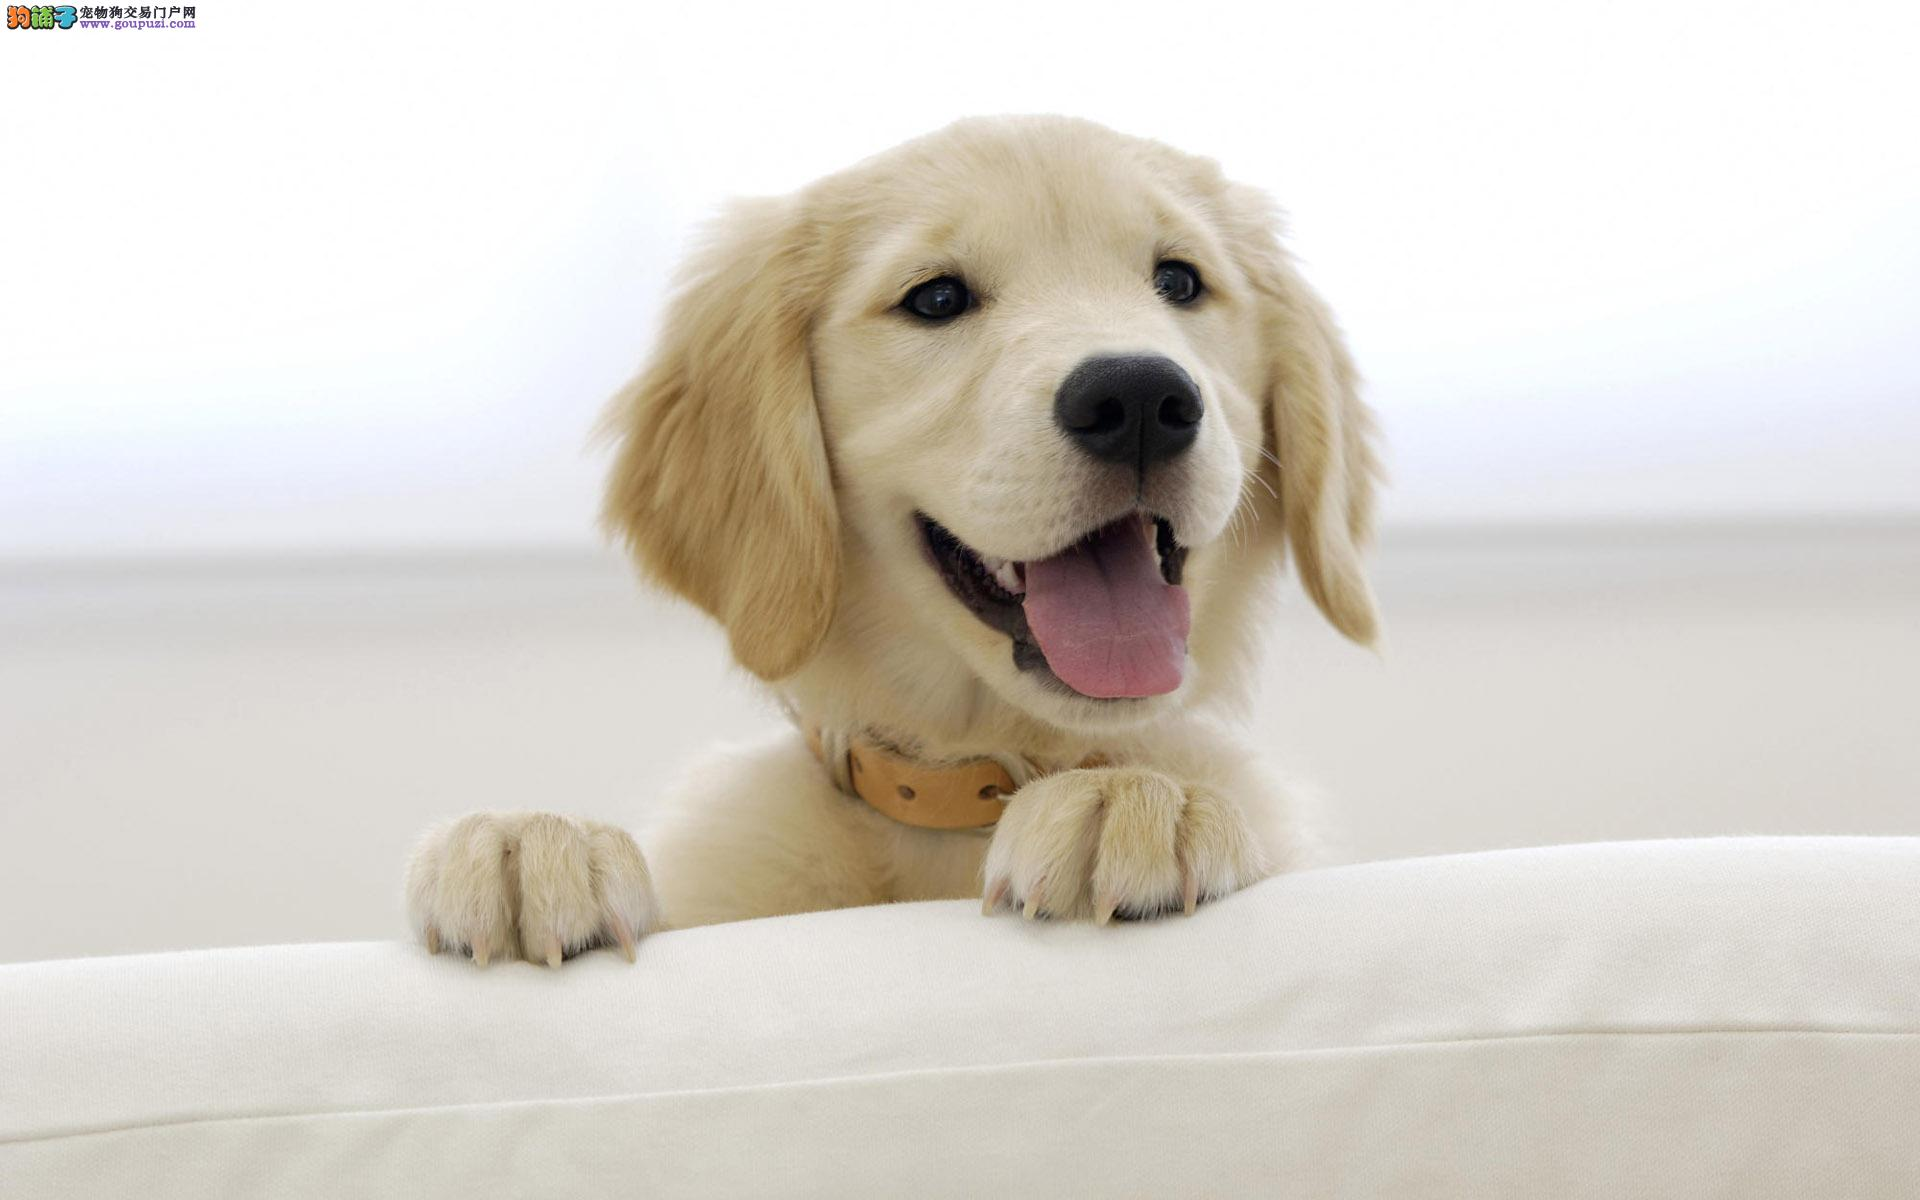 深圳出售纯种金毛猎犬聪明呆萌可爱 可签协议